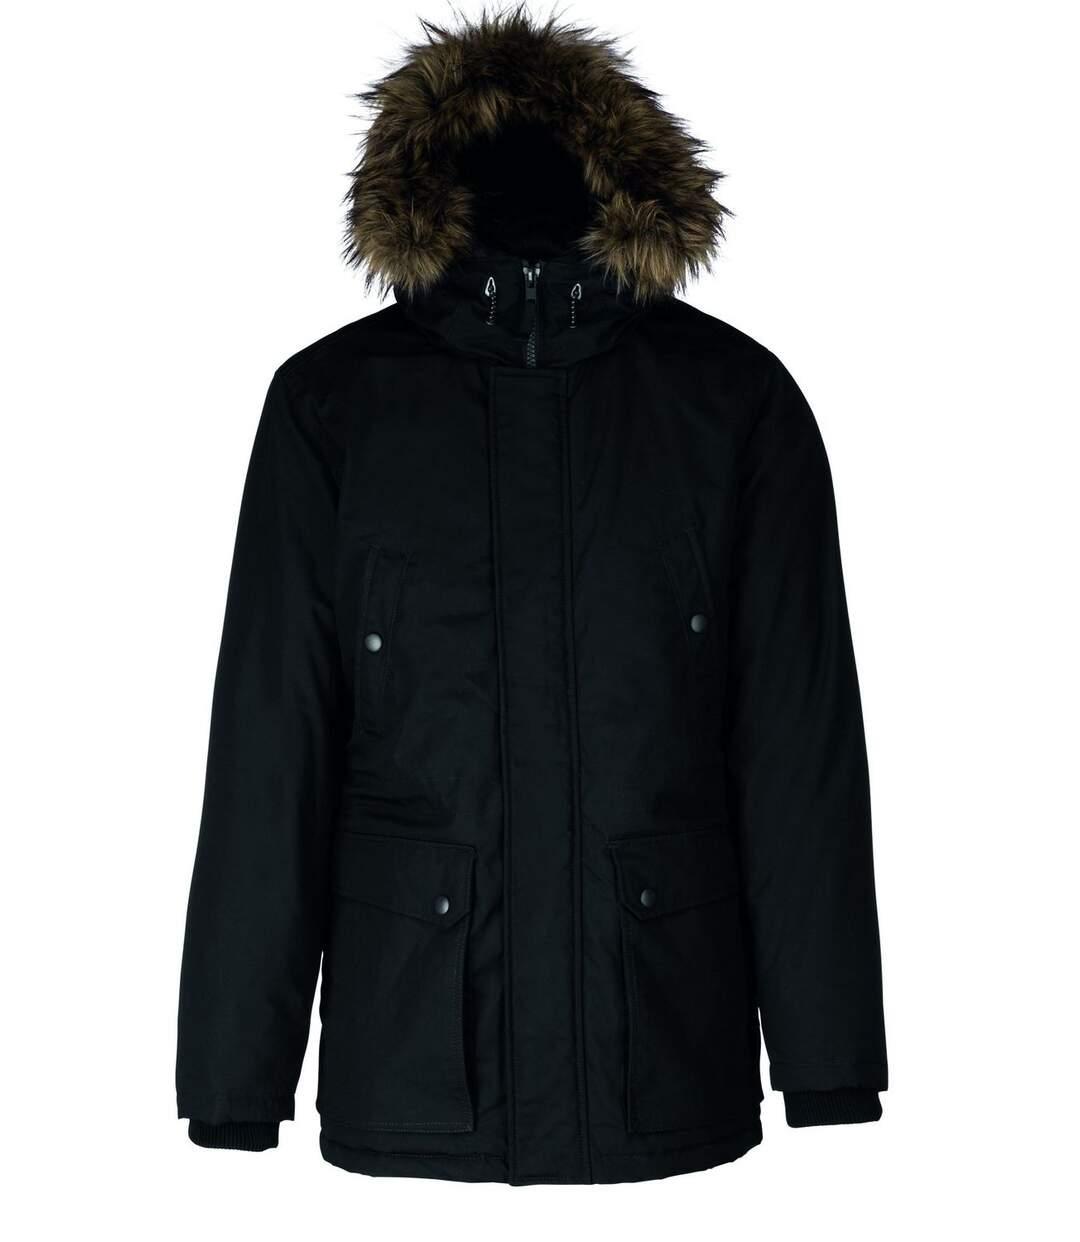 Parka pour grand froid - homme - K621 - noir